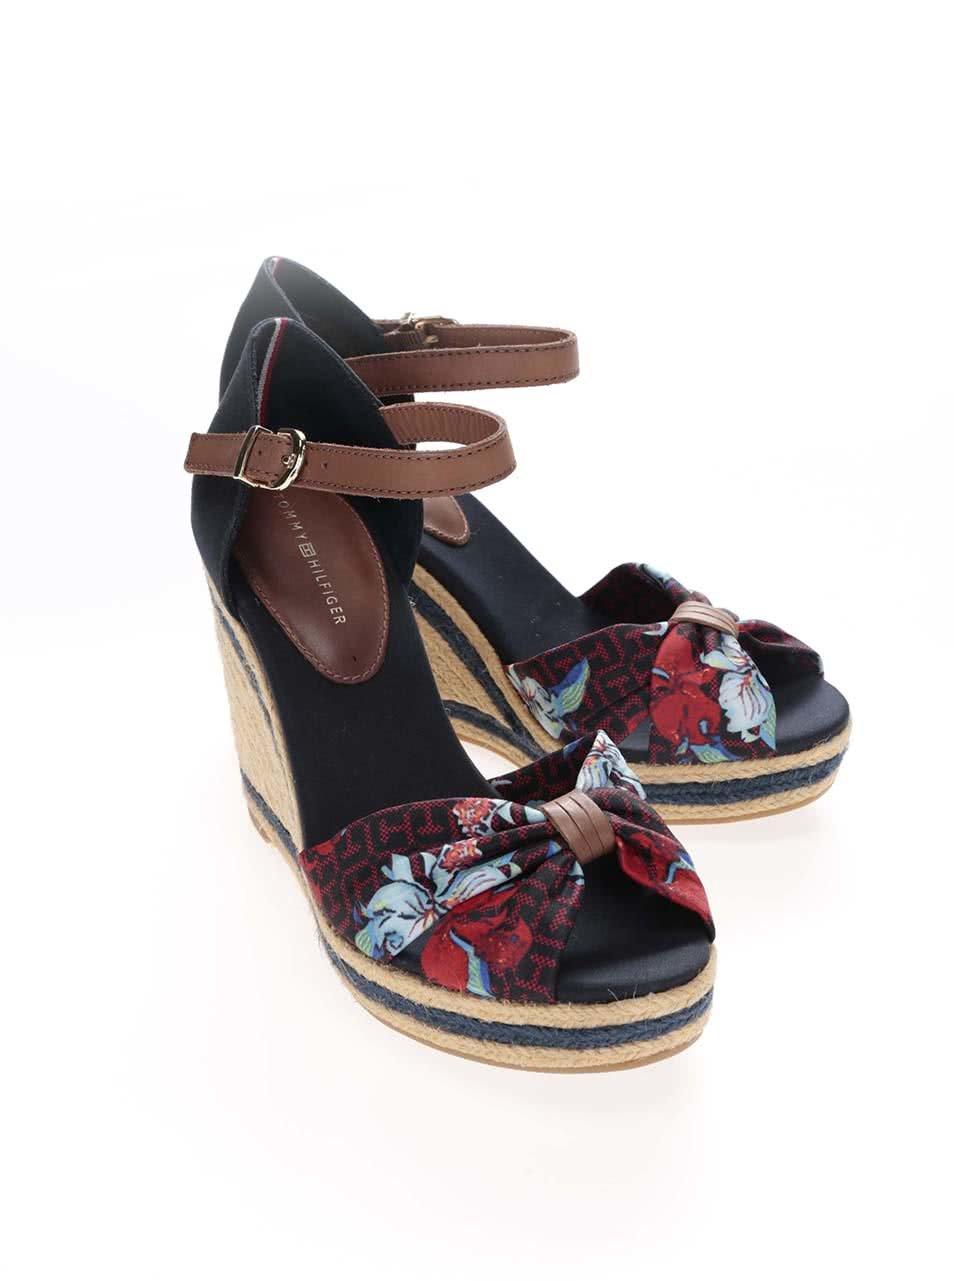 156772aa21c Barevné dámské boty na klínku s květinami Tommy Hilfiger ...